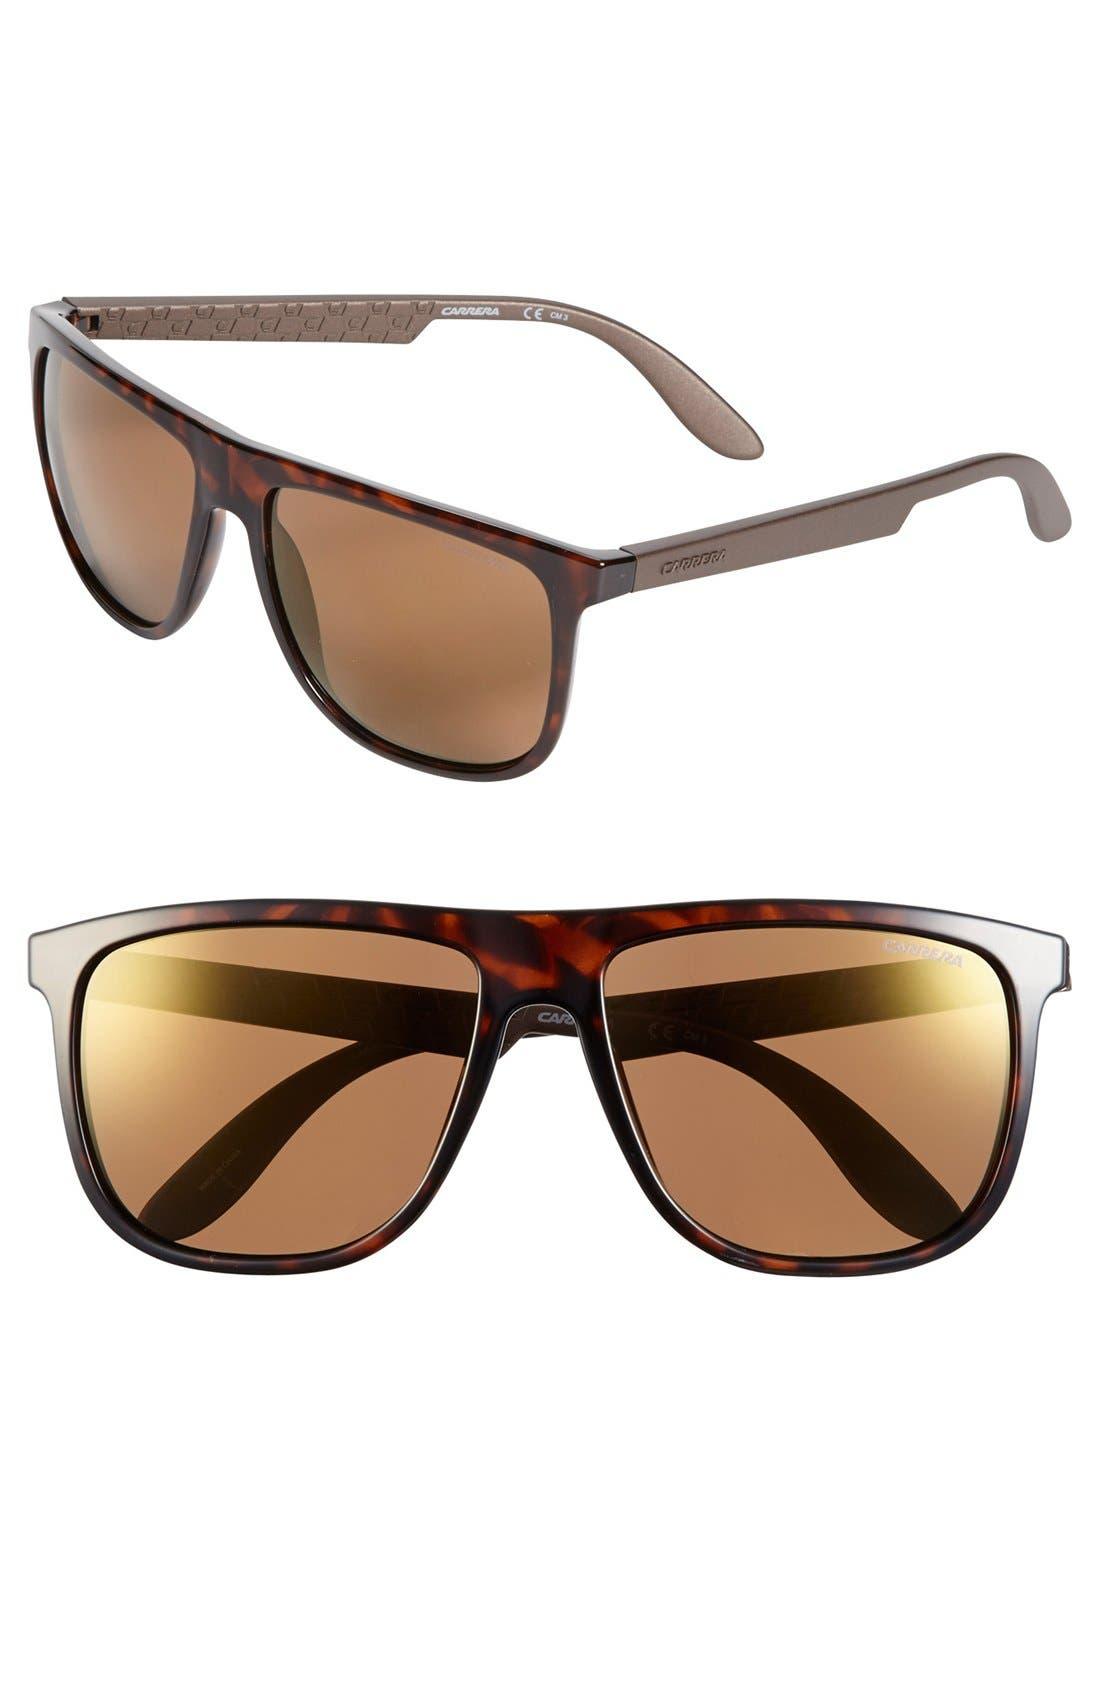 Carrera Eyewear 5m